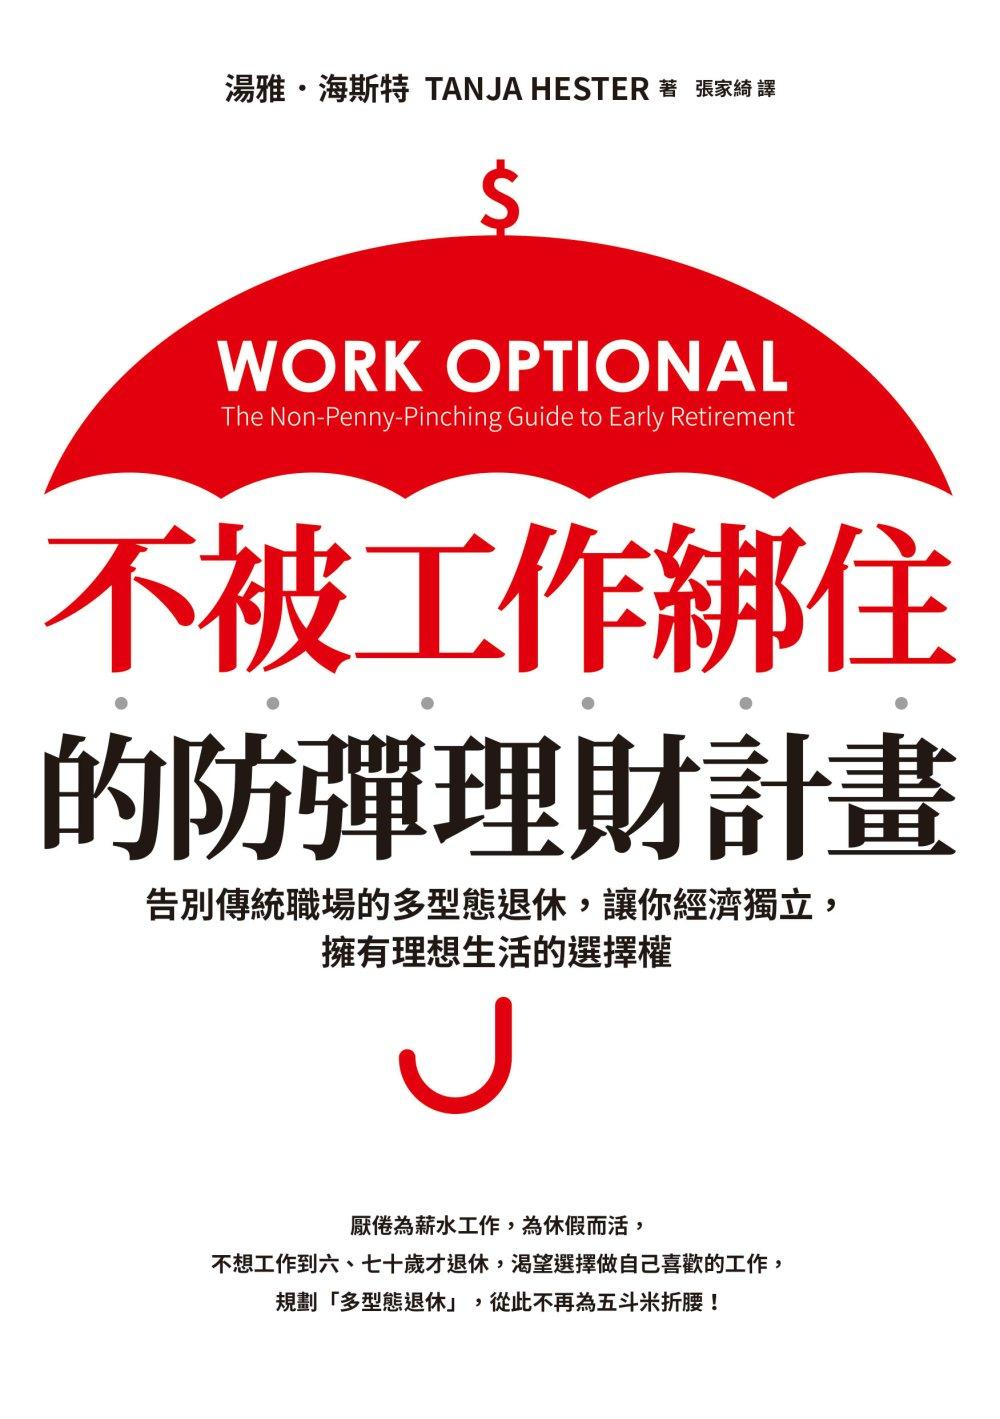 不被工作綁住的防彈理財計畫:告別傳統職場的多型態退休,讓你經濟獨立,擁有理想生活的選擇權 (電子書)